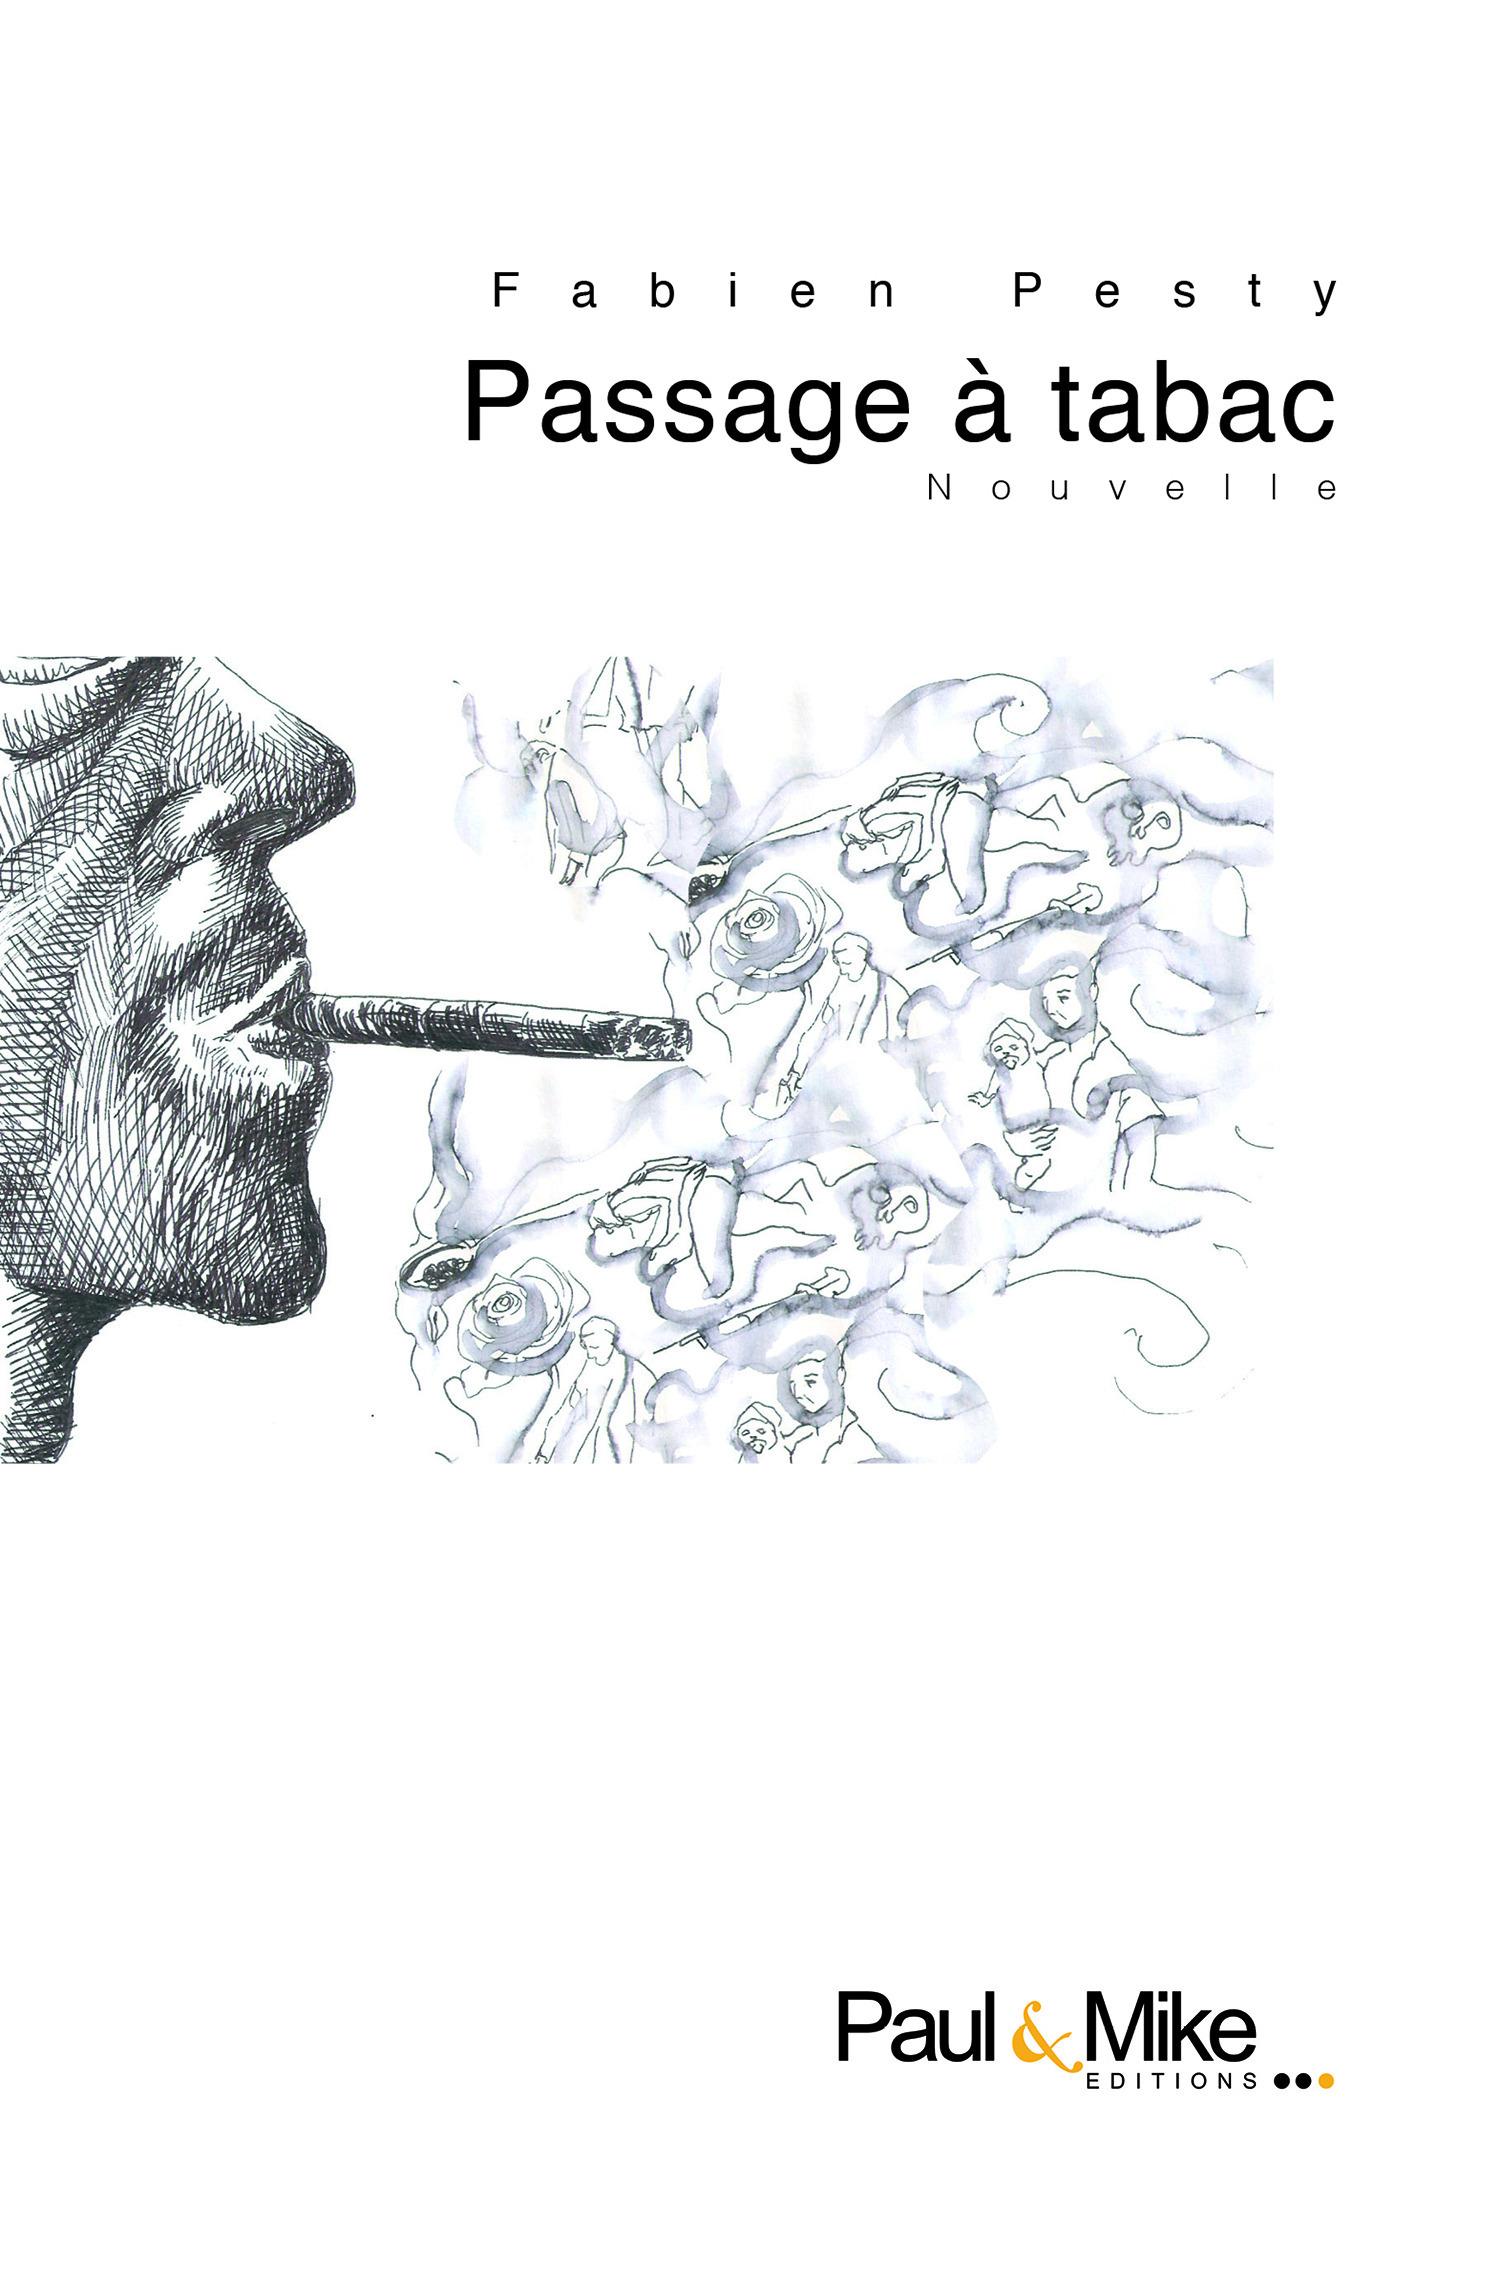 Passage a tabac